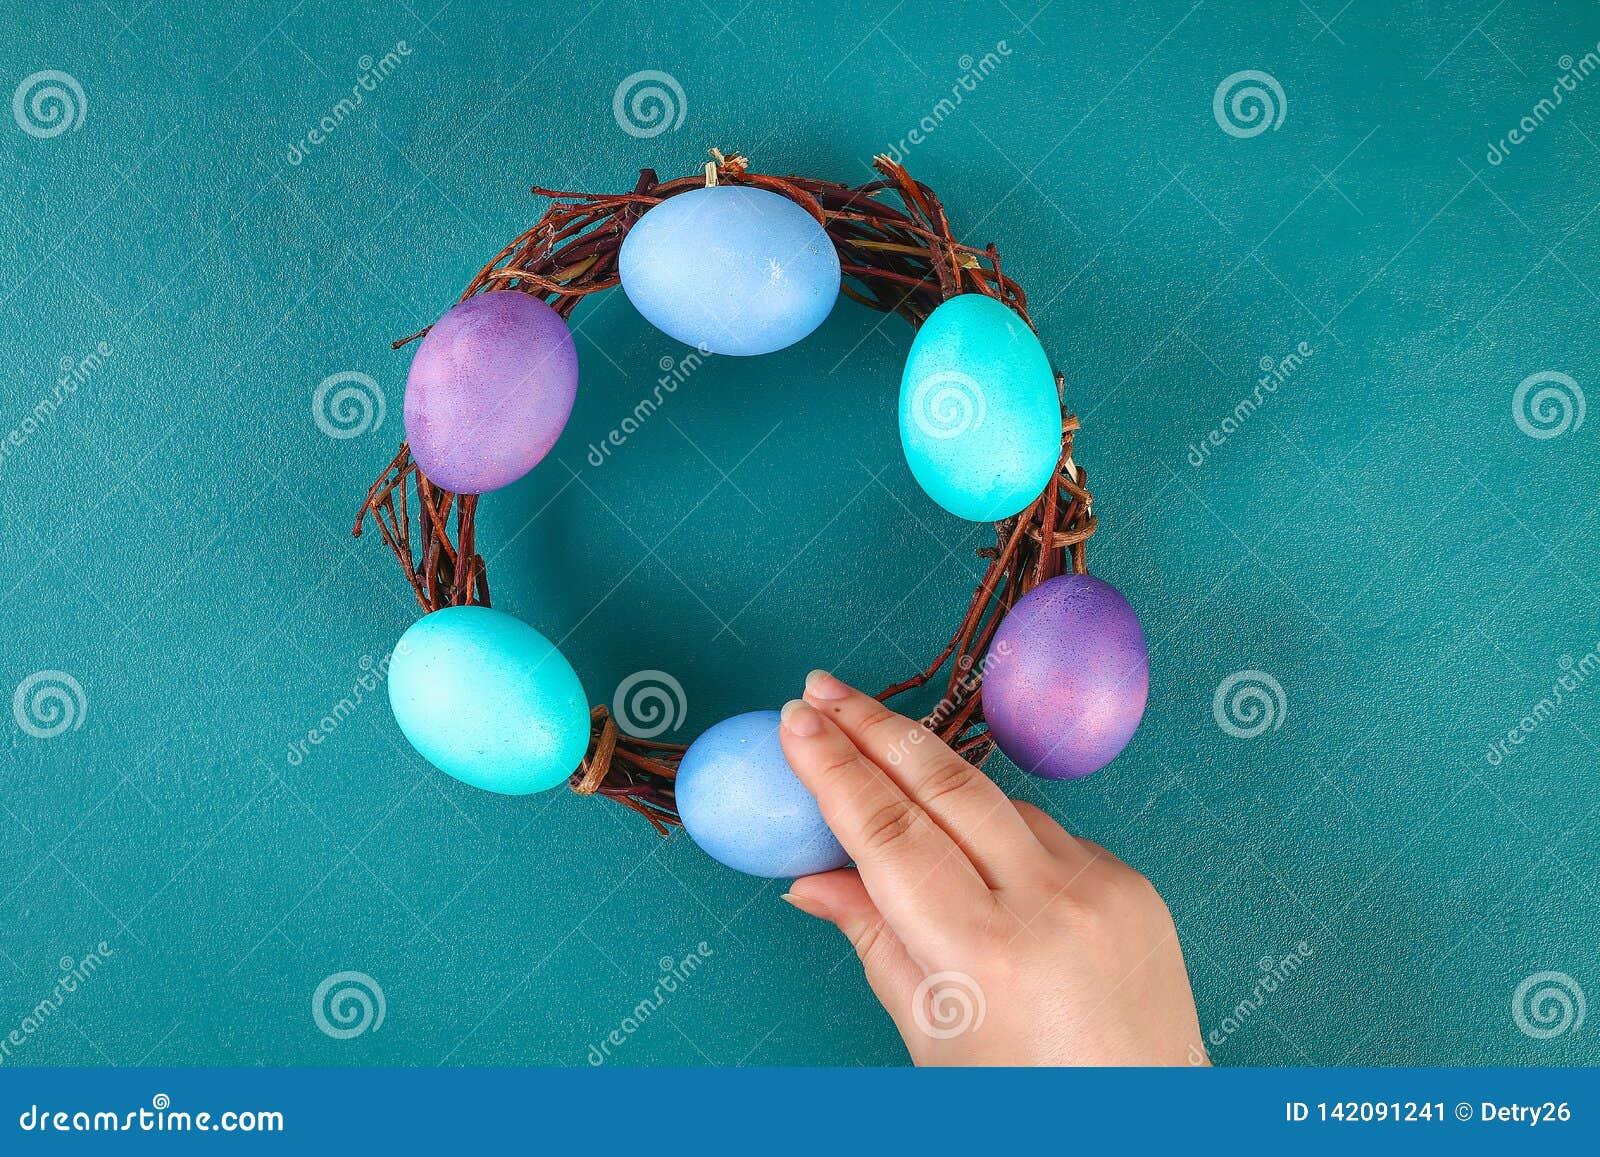 Guirnalda de Diy Pascua de ramitas, de huevos pintados y de flores artificiales en un fondo verde